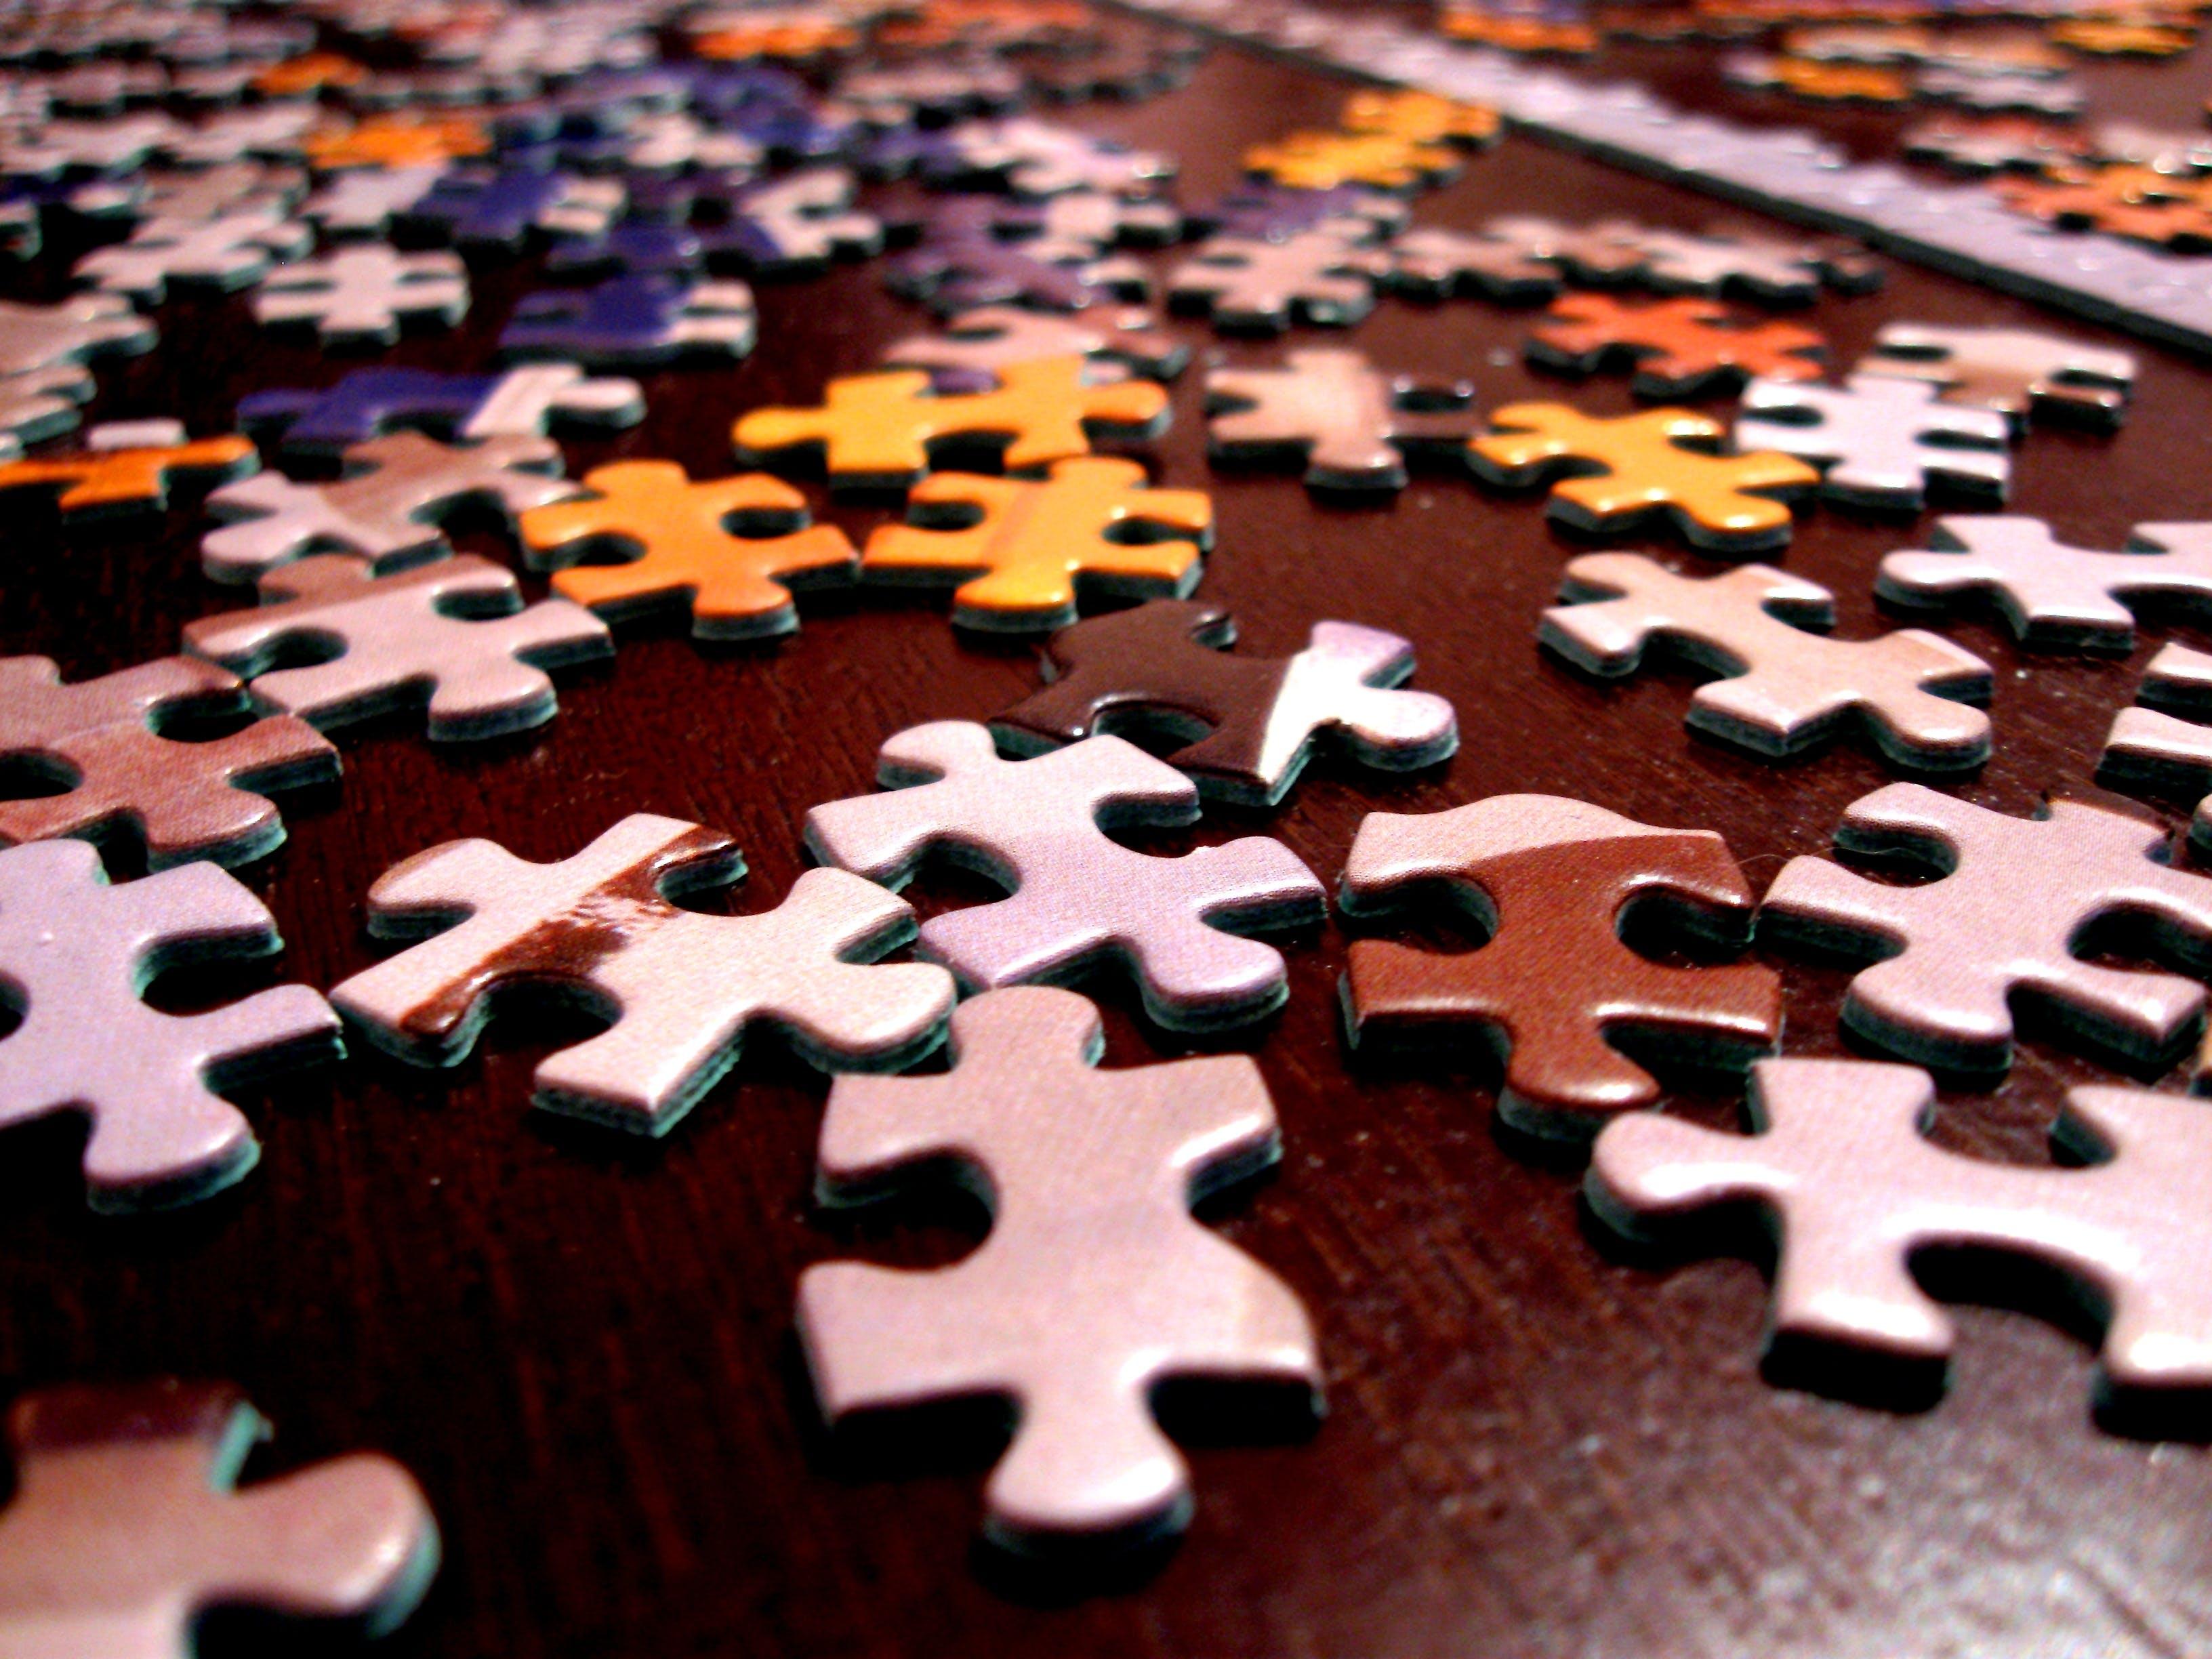 Kostenloses Stock Foto zu kreativität, spiel, challenge, puzzle